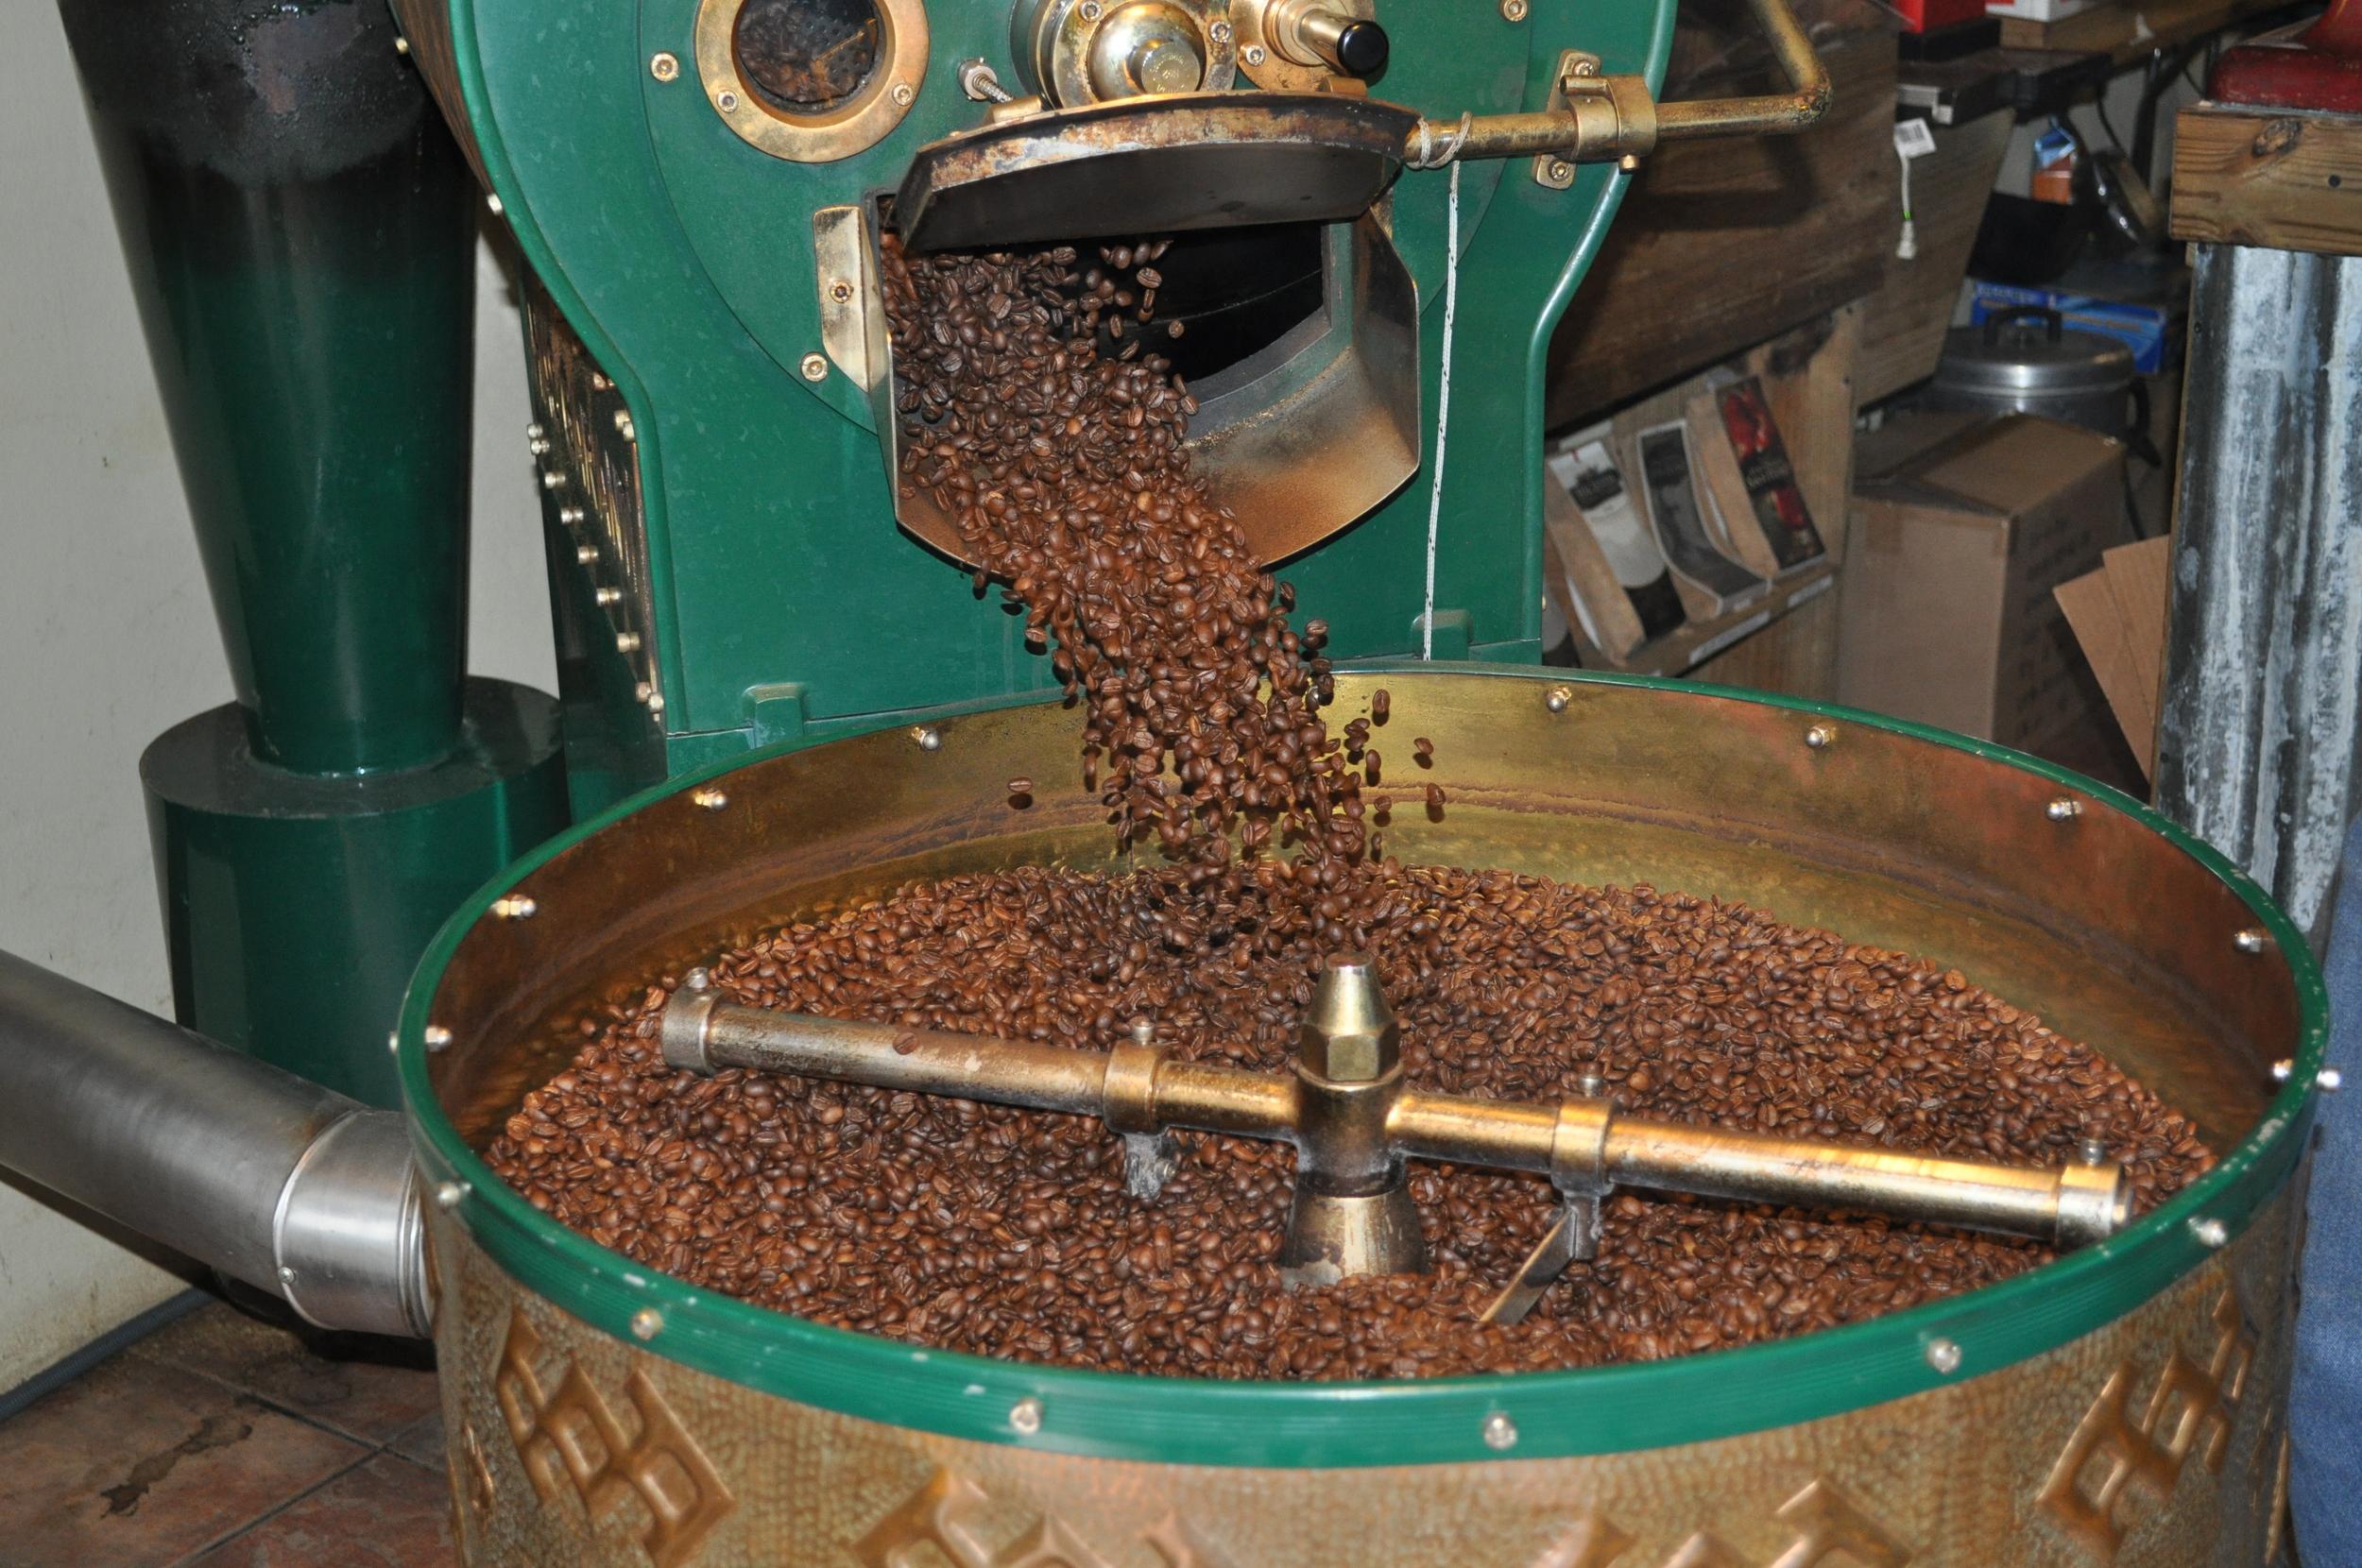 El café de la Hacienda San Pedro es artesanal. Foto: Pamy Rojas